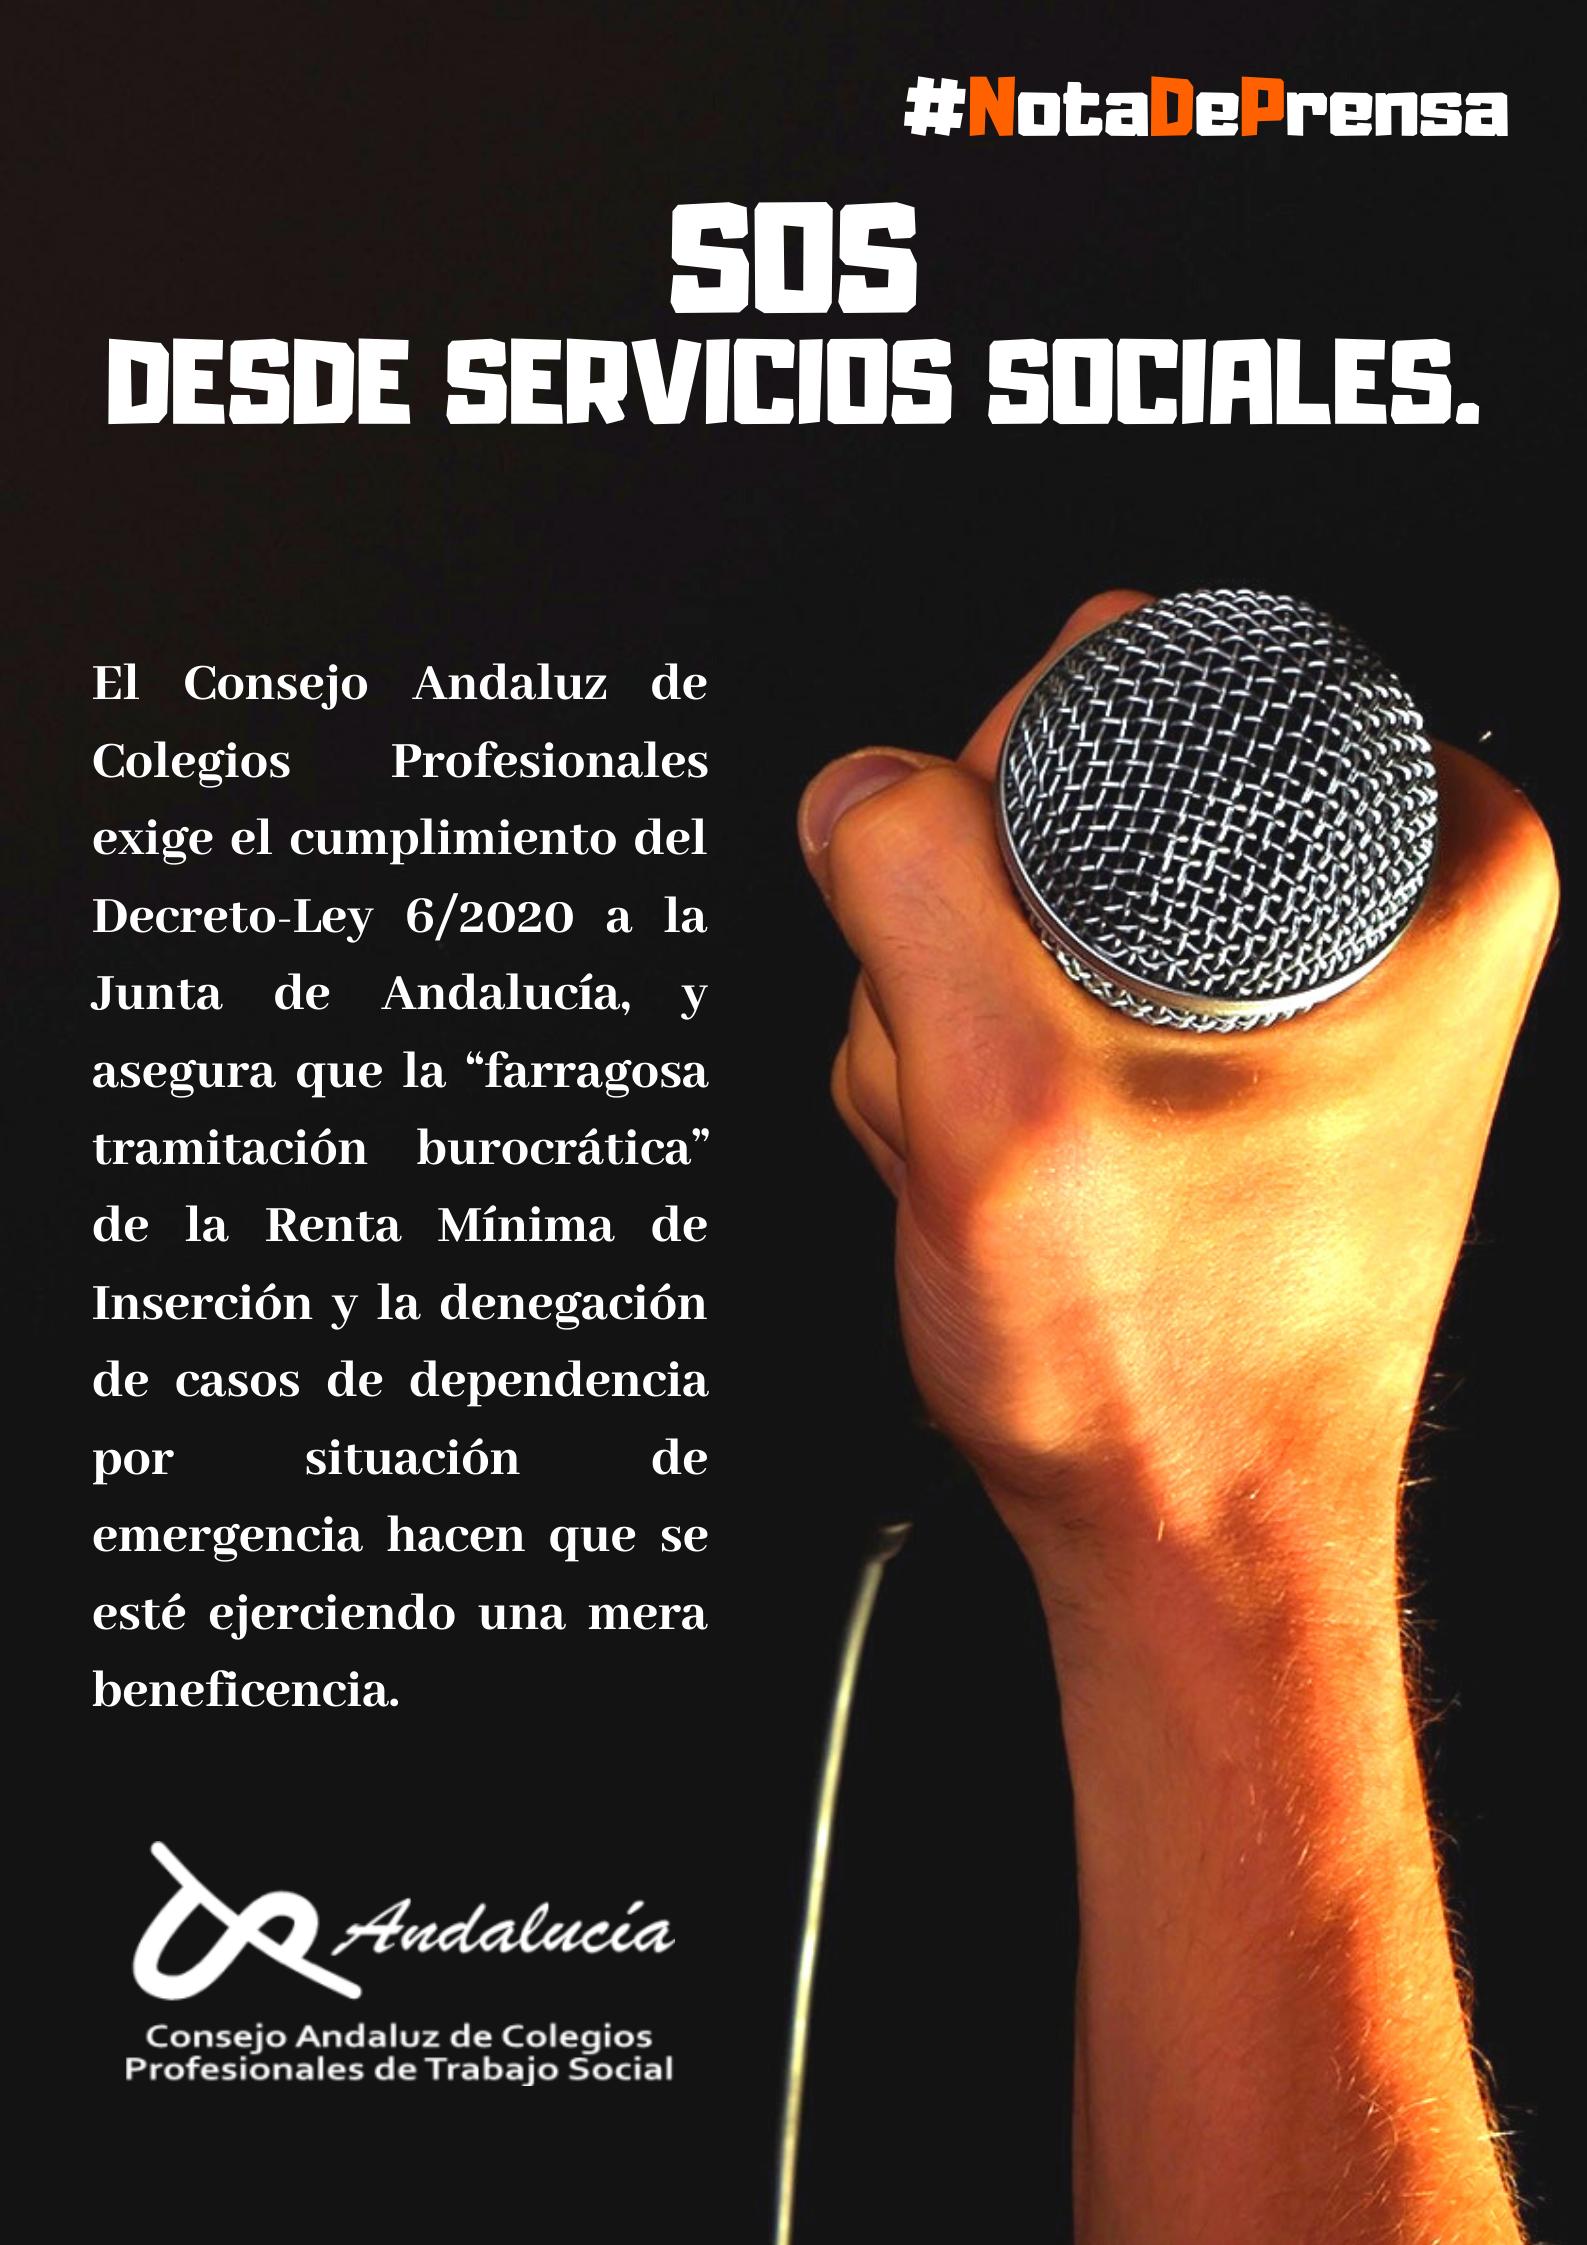 SOS DESDE LOS SERVICIOS SOCIALES - COMUNICADO  DE PRENSA EMITIDO DESDE LE CONSEJO ANDALUZ DE COLEGIOS PROFESIONALES DE TRABAJO SOCIAL